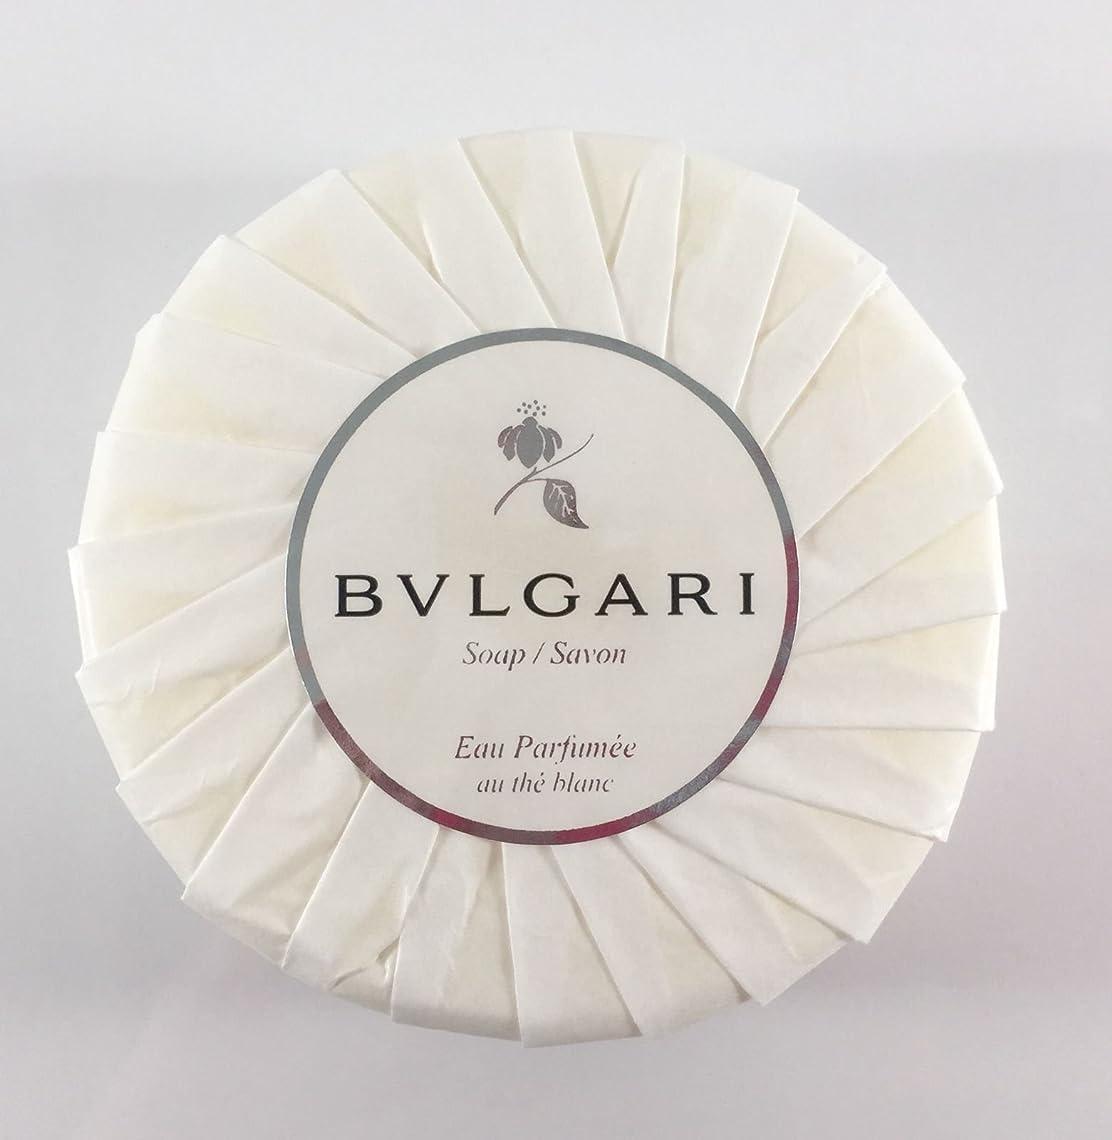 空中愛されし者ゲートブルガリ オ?パフメ オーテブラン デラックスソープ150g BVLGARI Bvlgari Eau Parfumee au the blanc White Soap